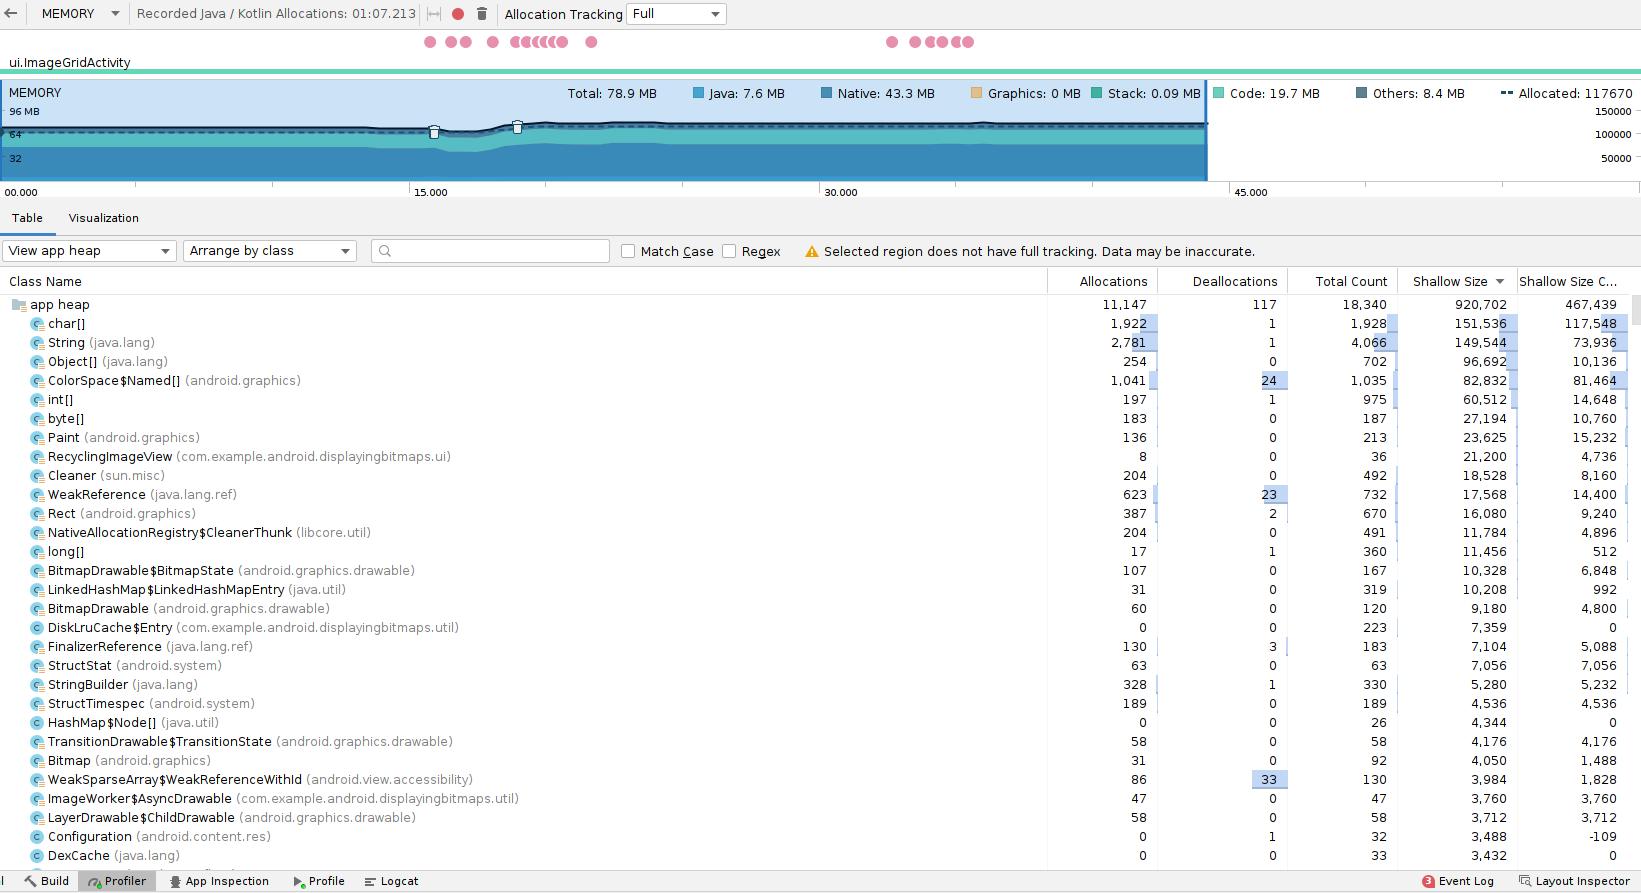 内存性能分析器中显示的内存分配